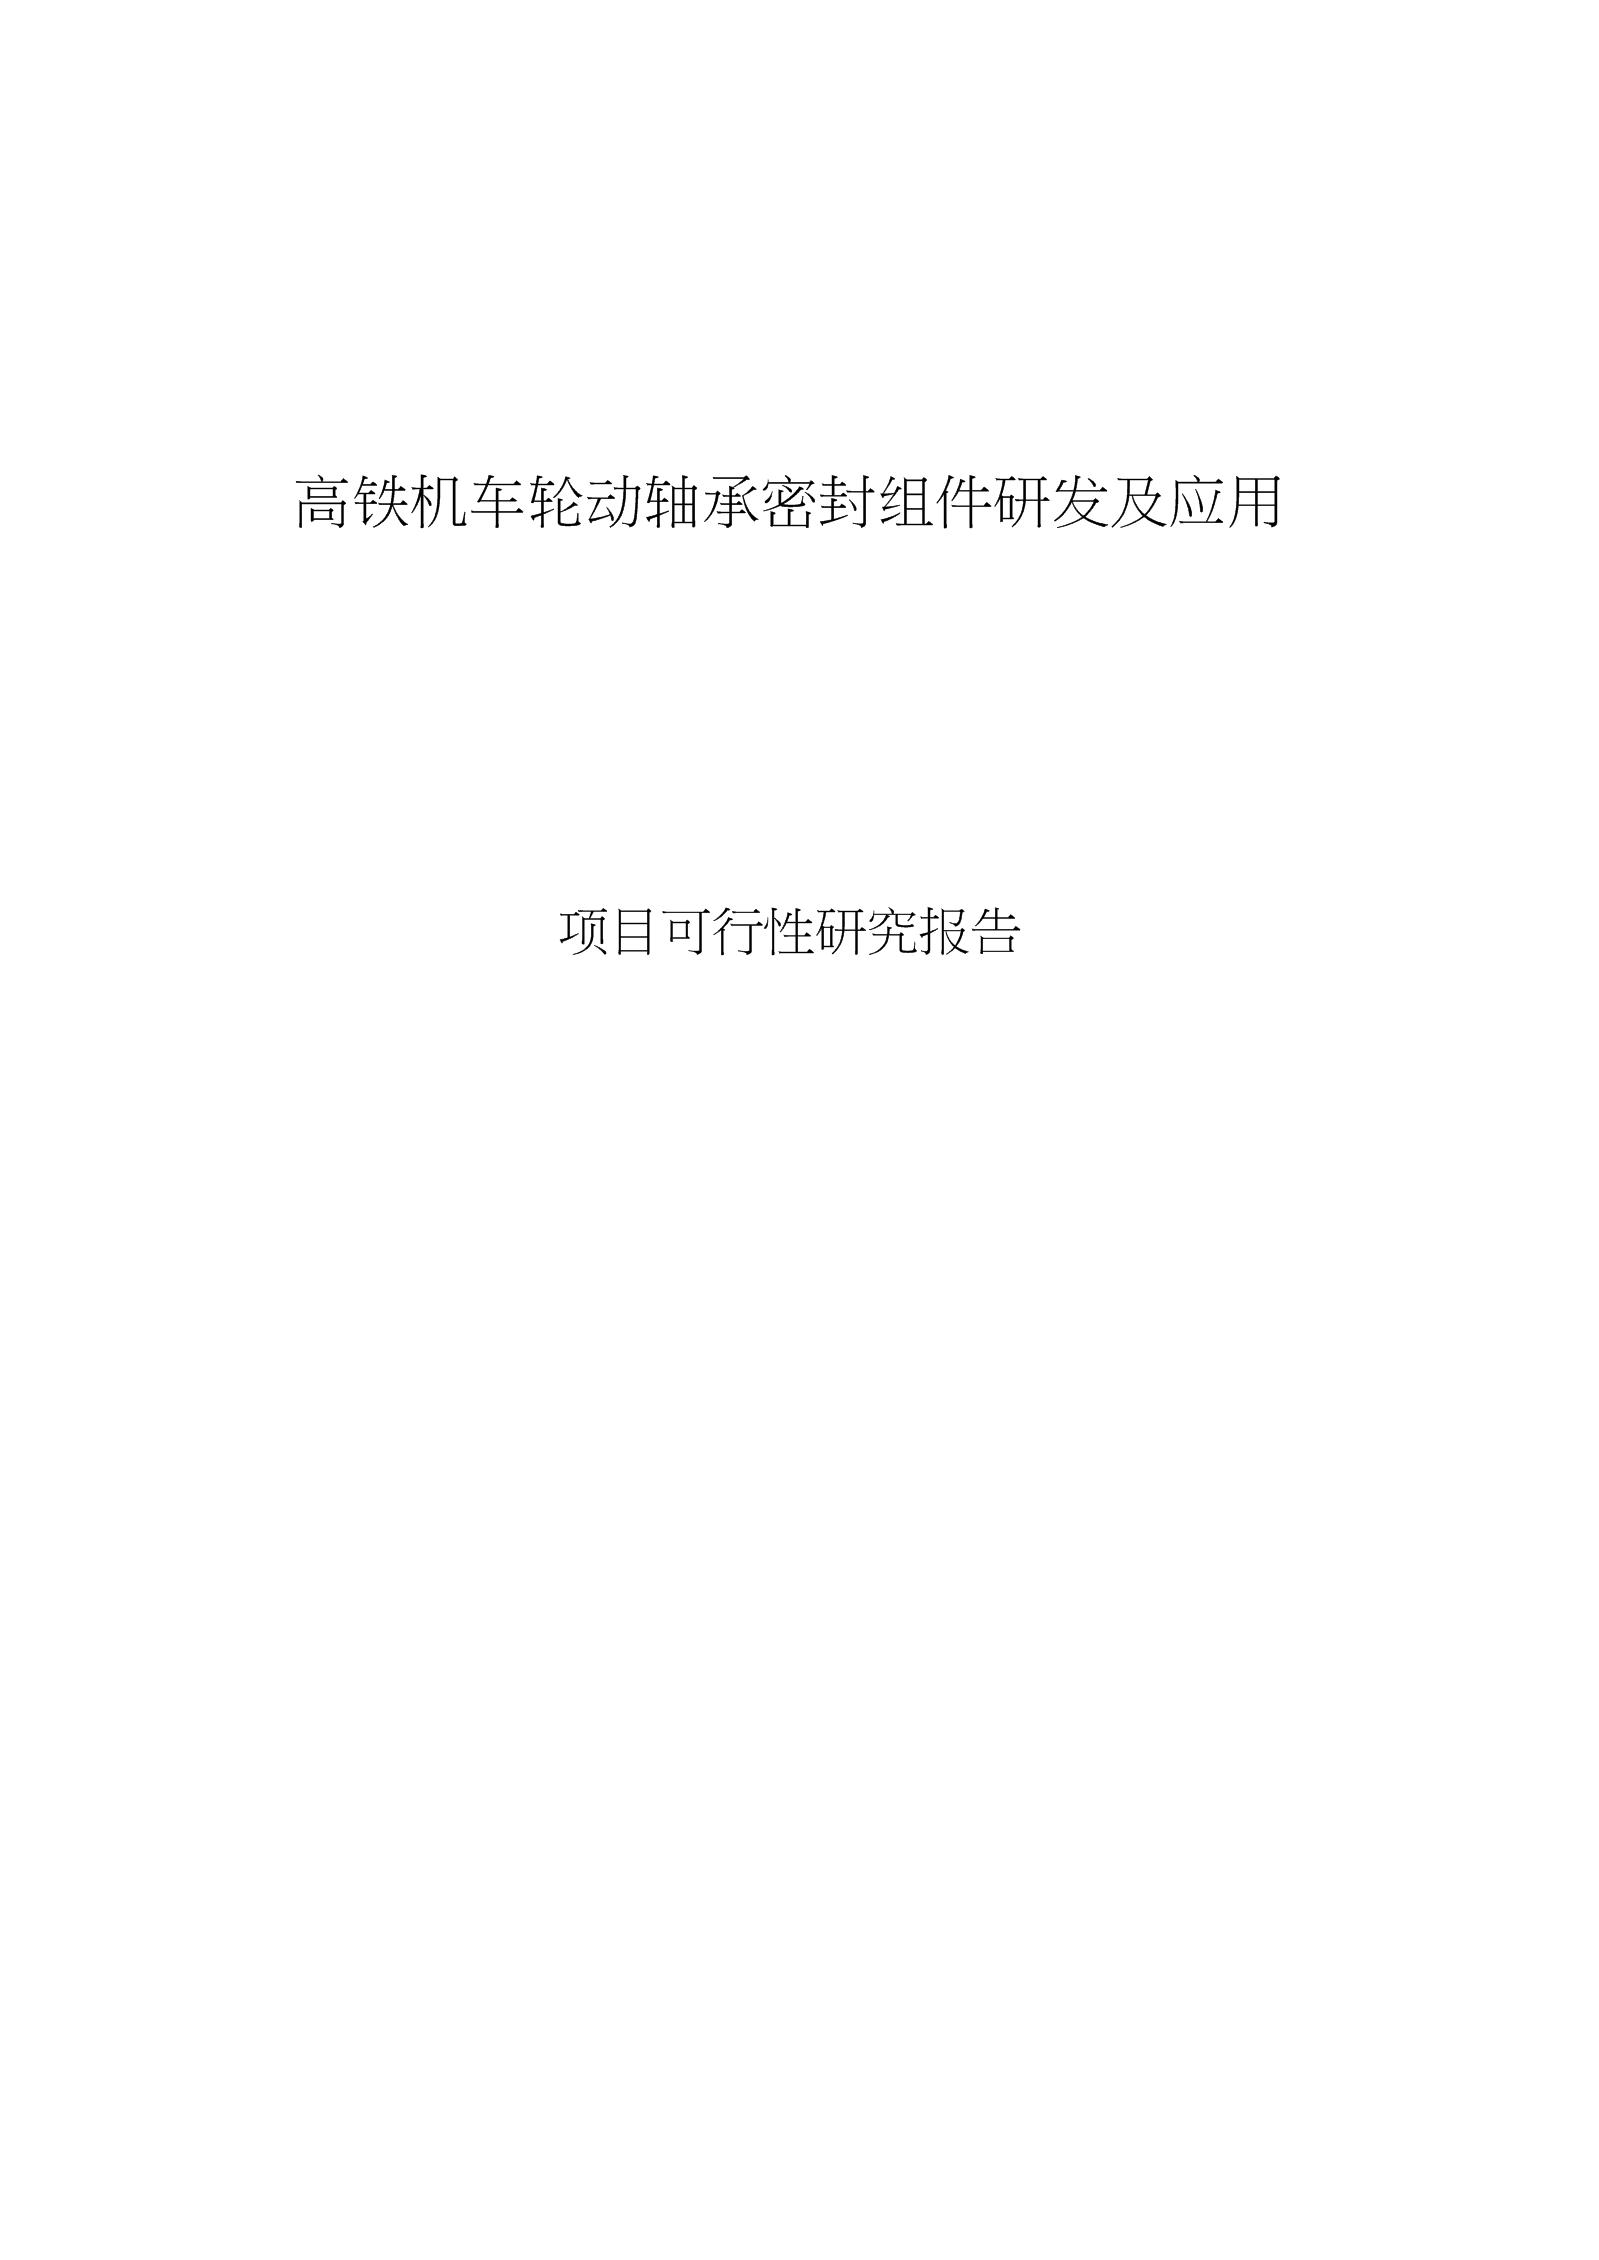 高铁机车轮动轴承密封组件研发项目可行性报告.docx